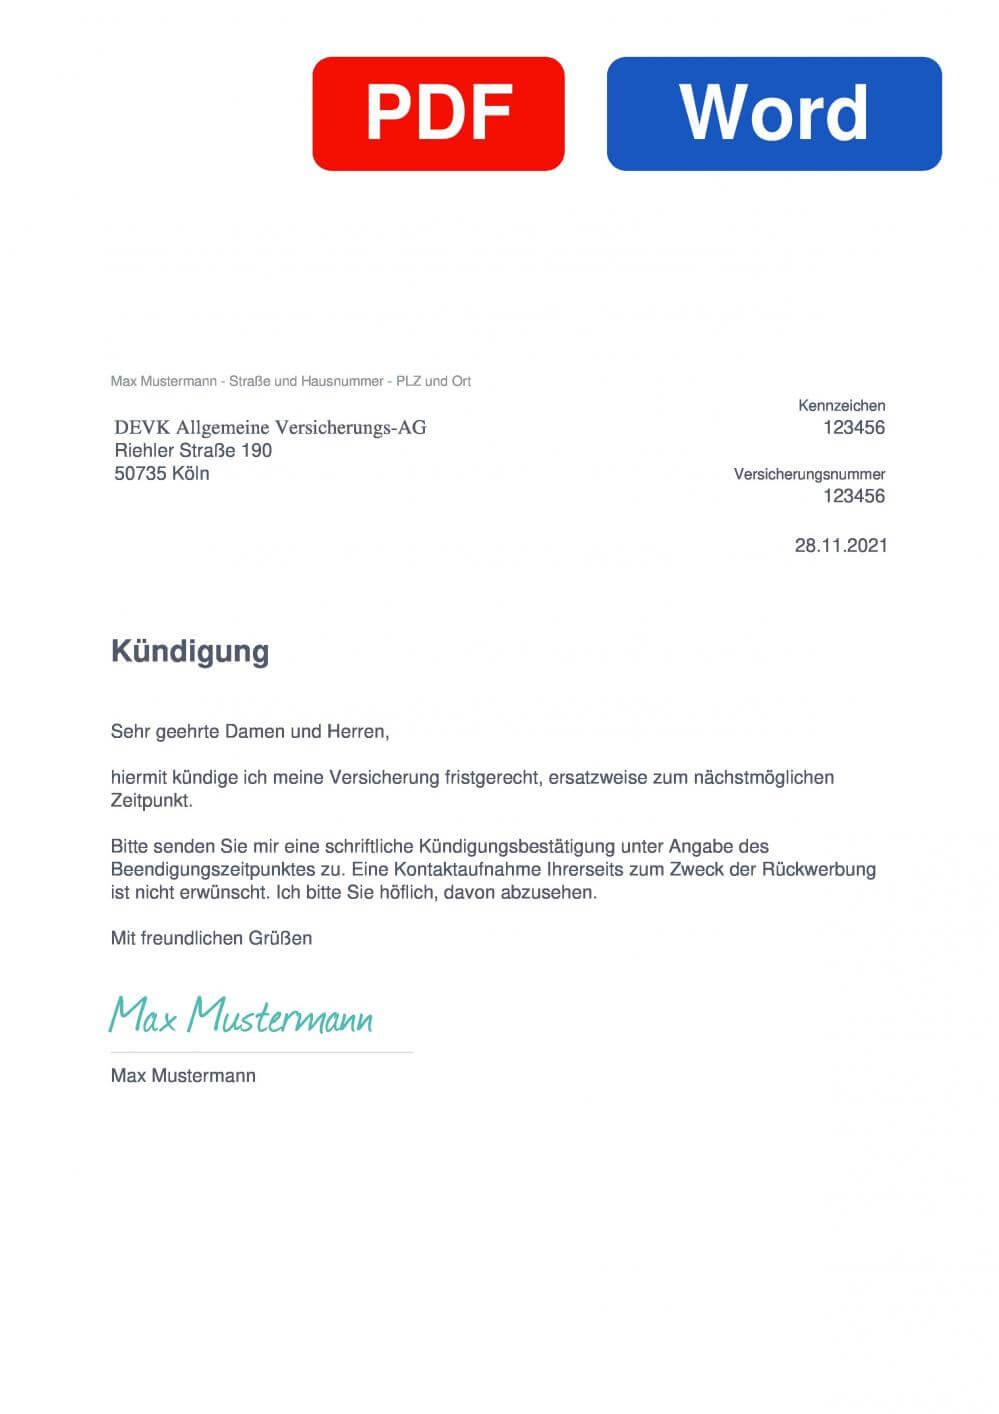 DEVK KFZ-Versicherung Muster Vorlage für Kündigungsschreiben